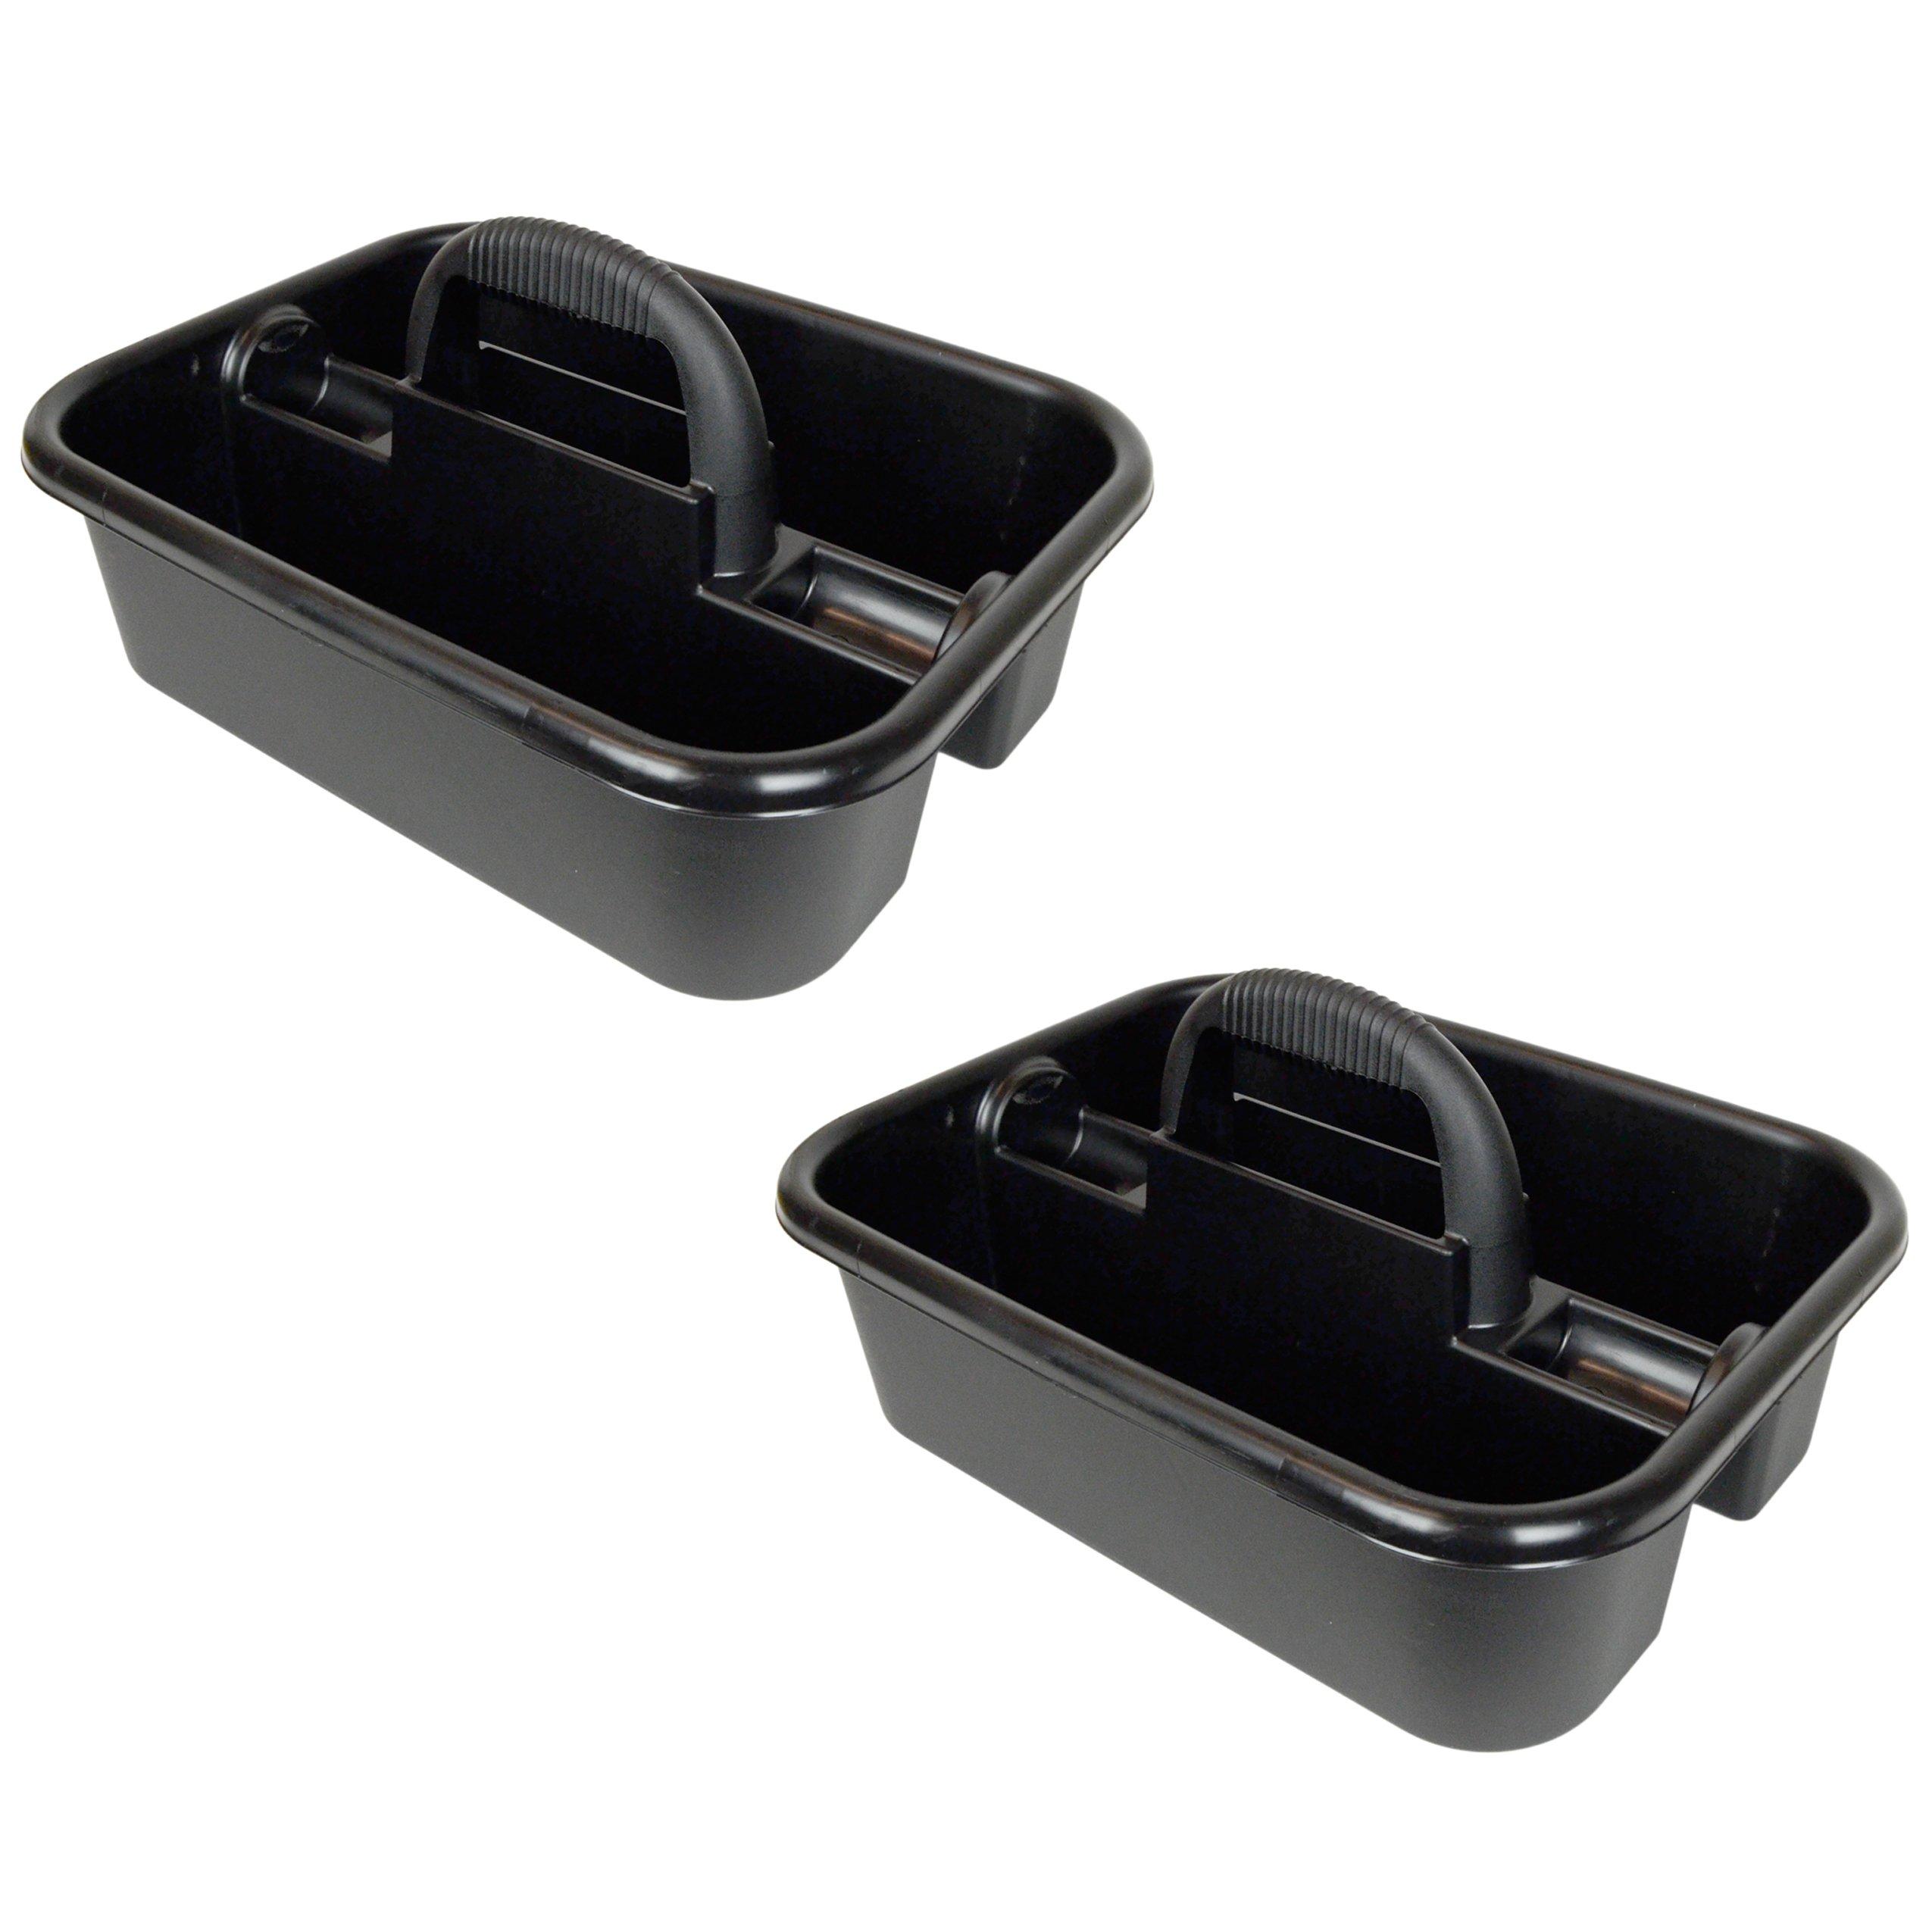 Akro-Mils 74-183 Black Plastic Tool Tote Caddy (2-Pack)